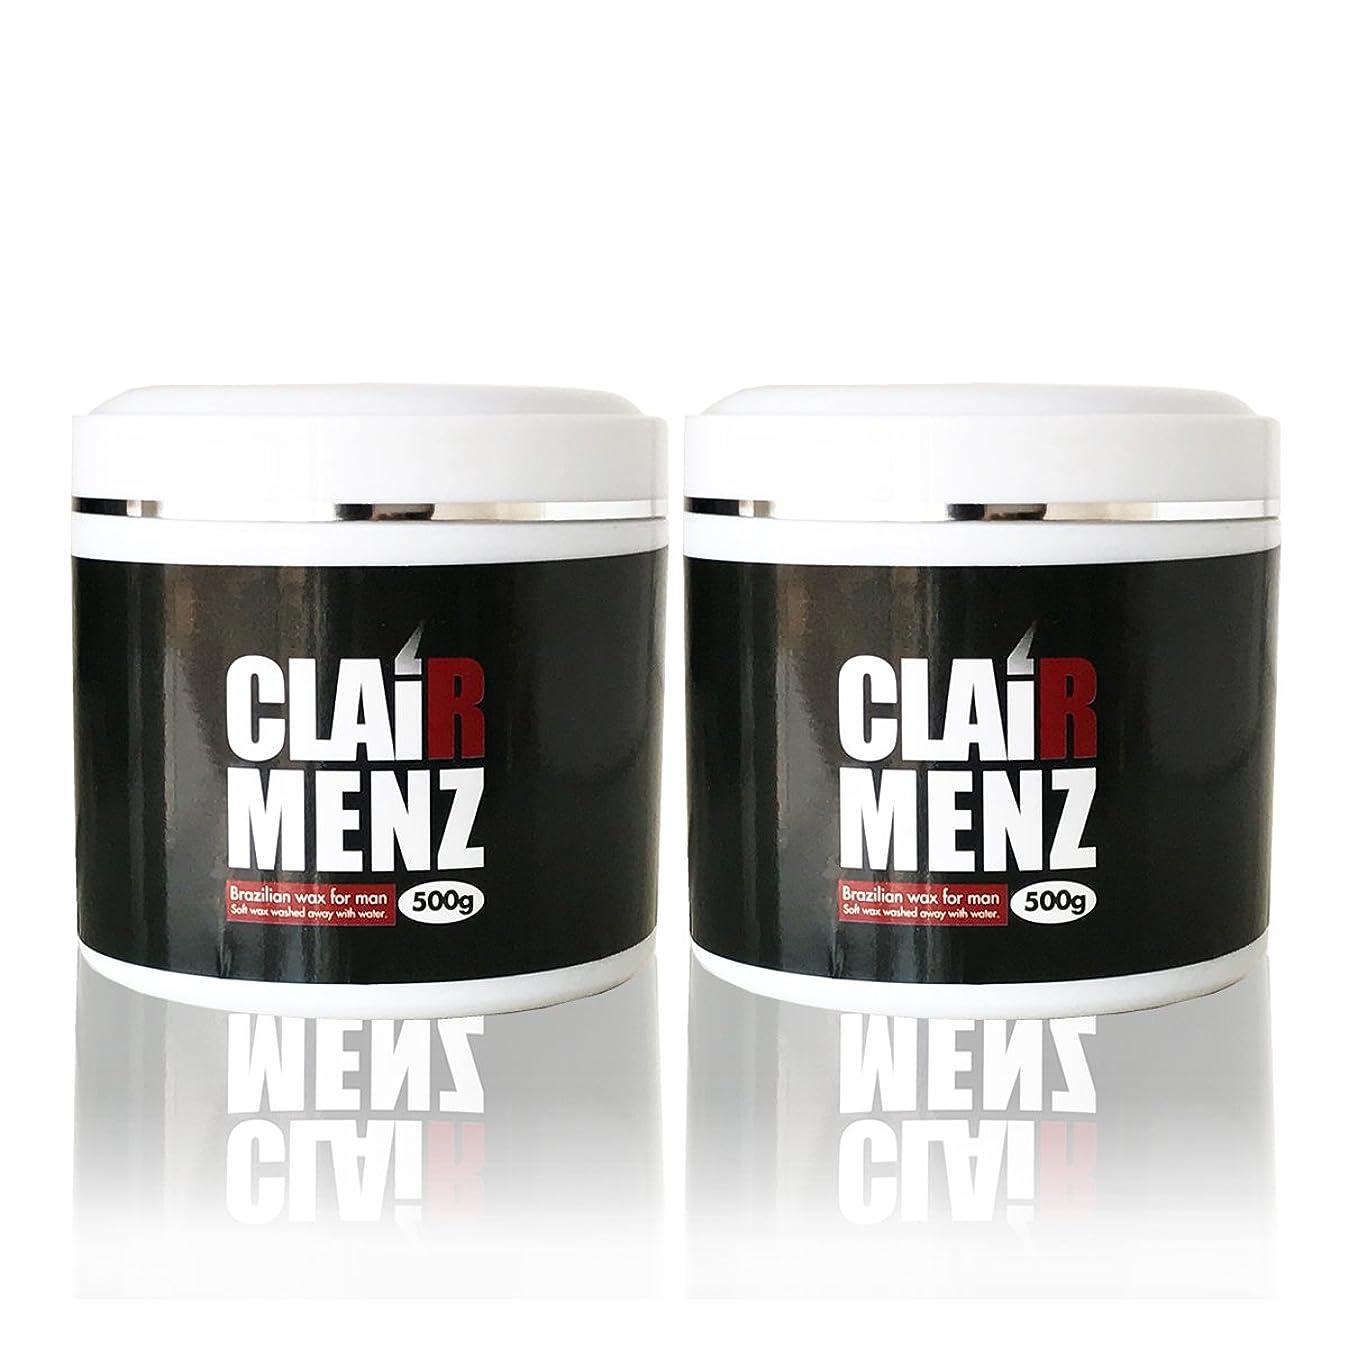 任命海洋傾向がありますブラジリアンワックス メンズ専用 clair Menz wax 500g (単品2個セット) メンズ脱毛専用ラベル 無添加ワックス 脱毛